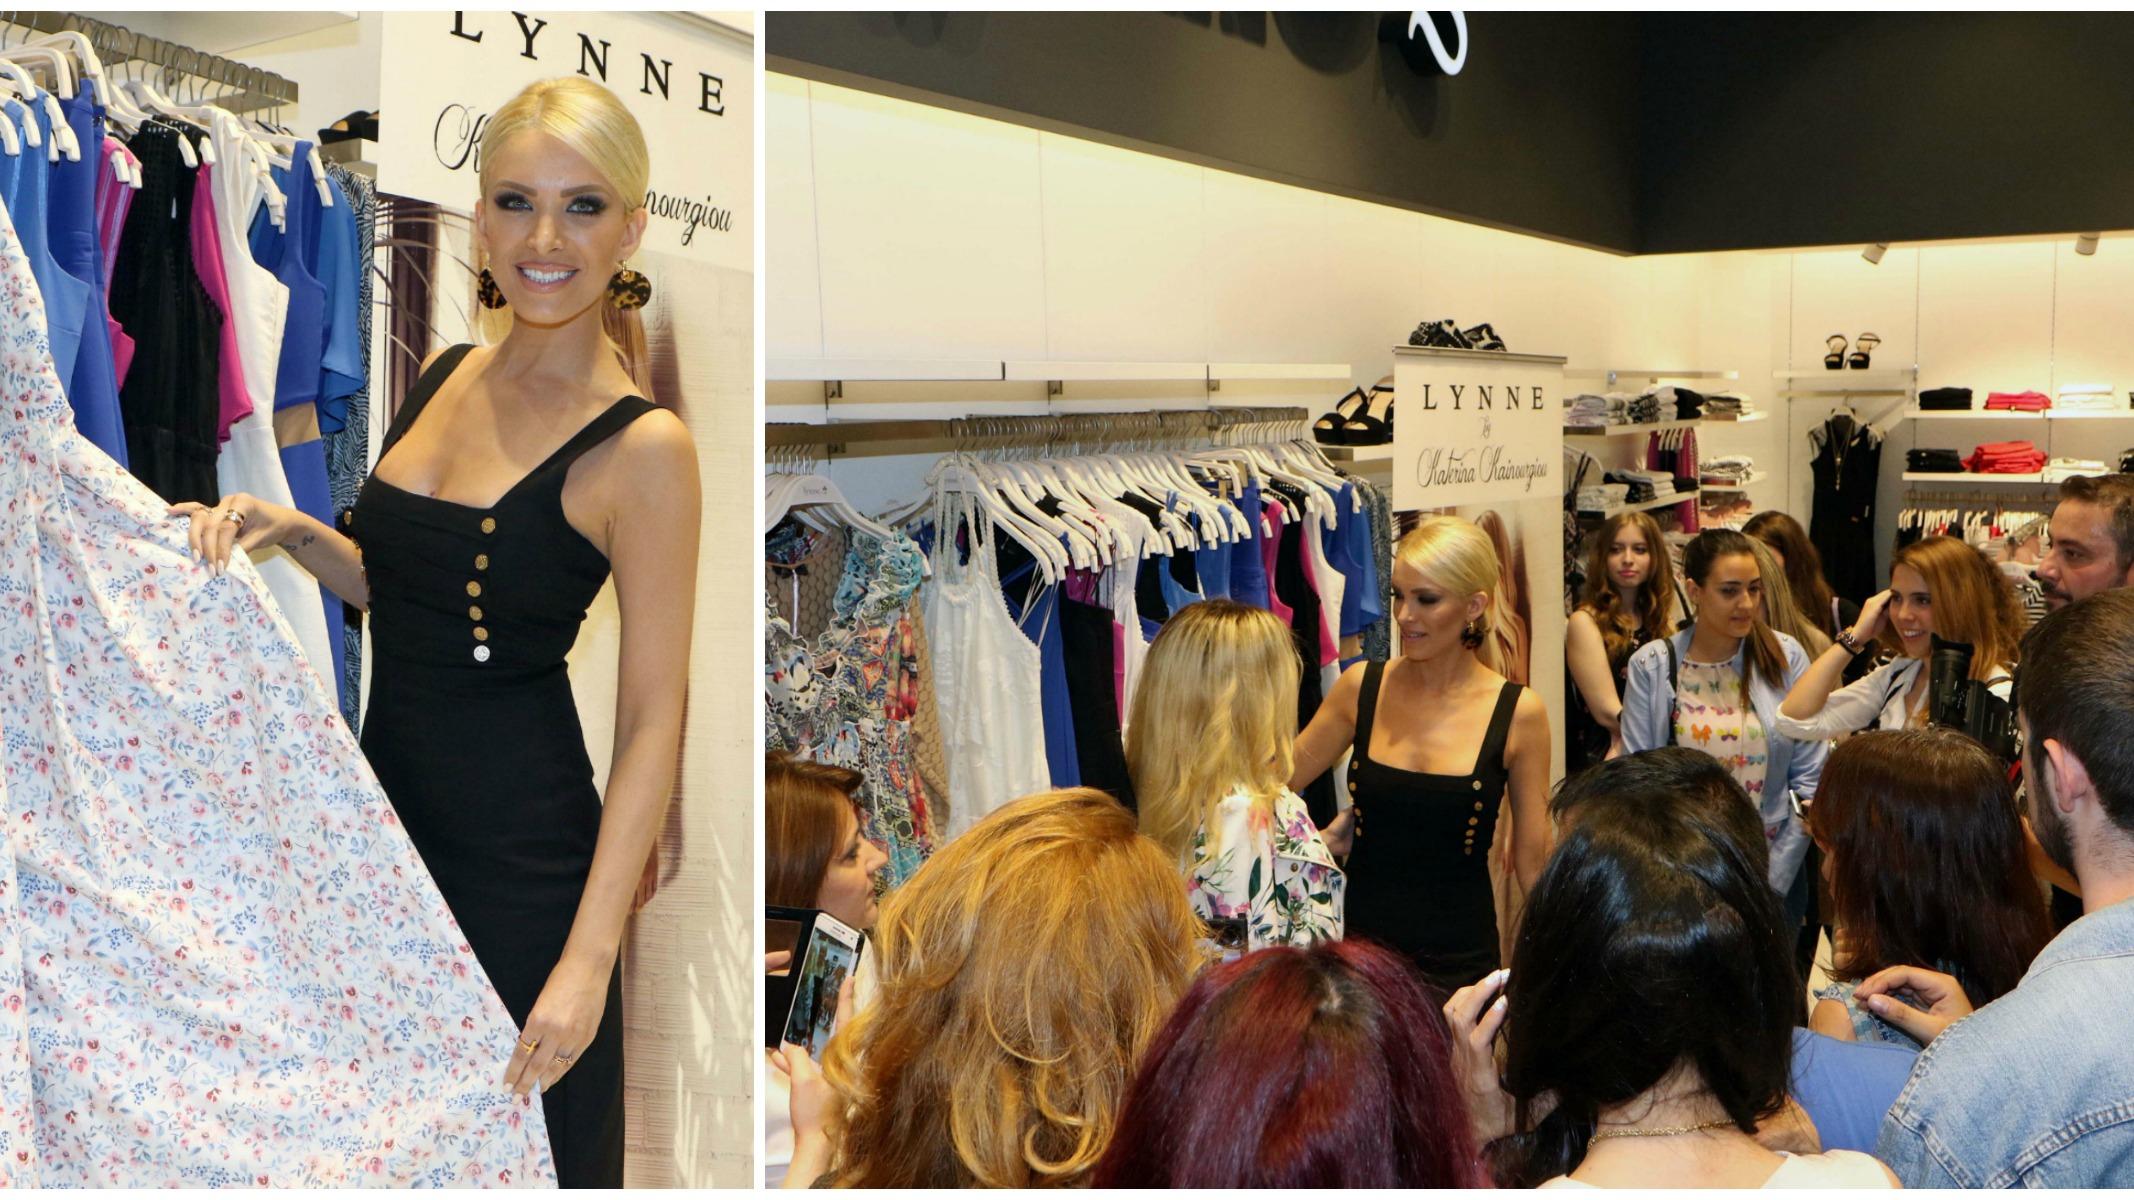 751c717108d1 Κατερίνα Καινούργιου  Παρουσίασε τη νέα συλλογή ρούχων με την υπογραφή της!